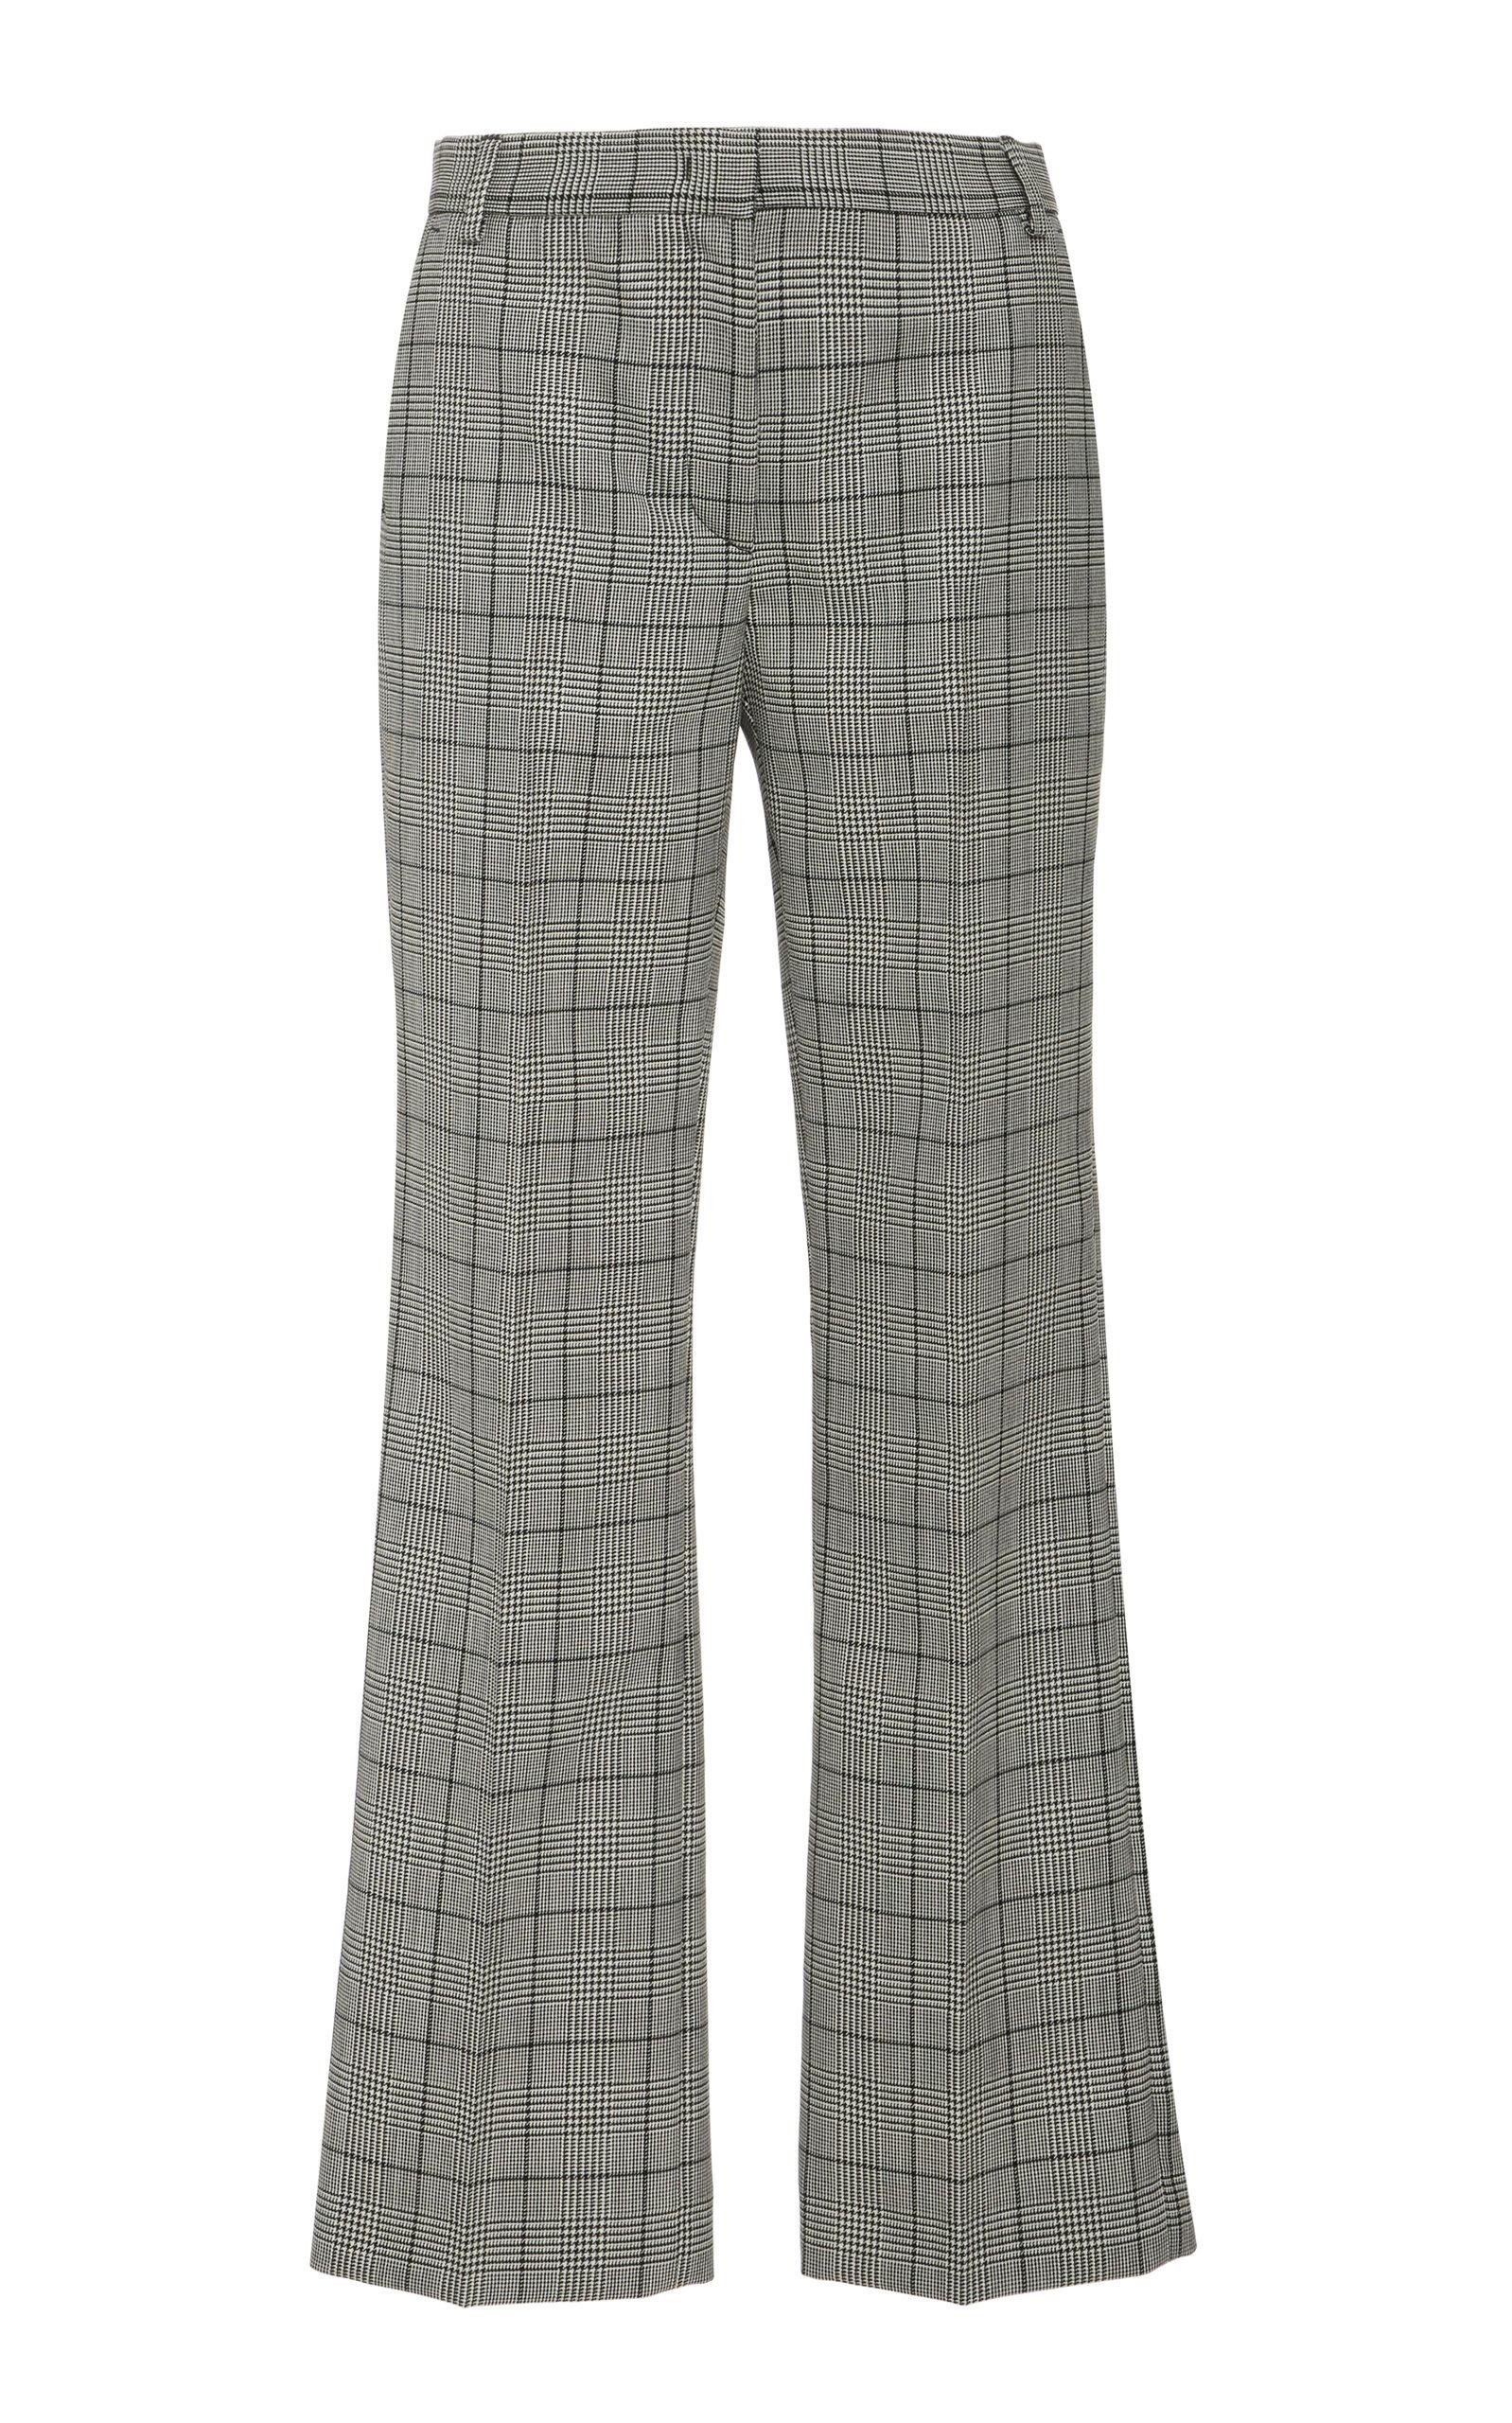 Cropped Flare PantsRed Valentino Populaire Pour La Vente Livraison Gratuite Le Plus Récent Jeu Recommande UHCkgx8M3G